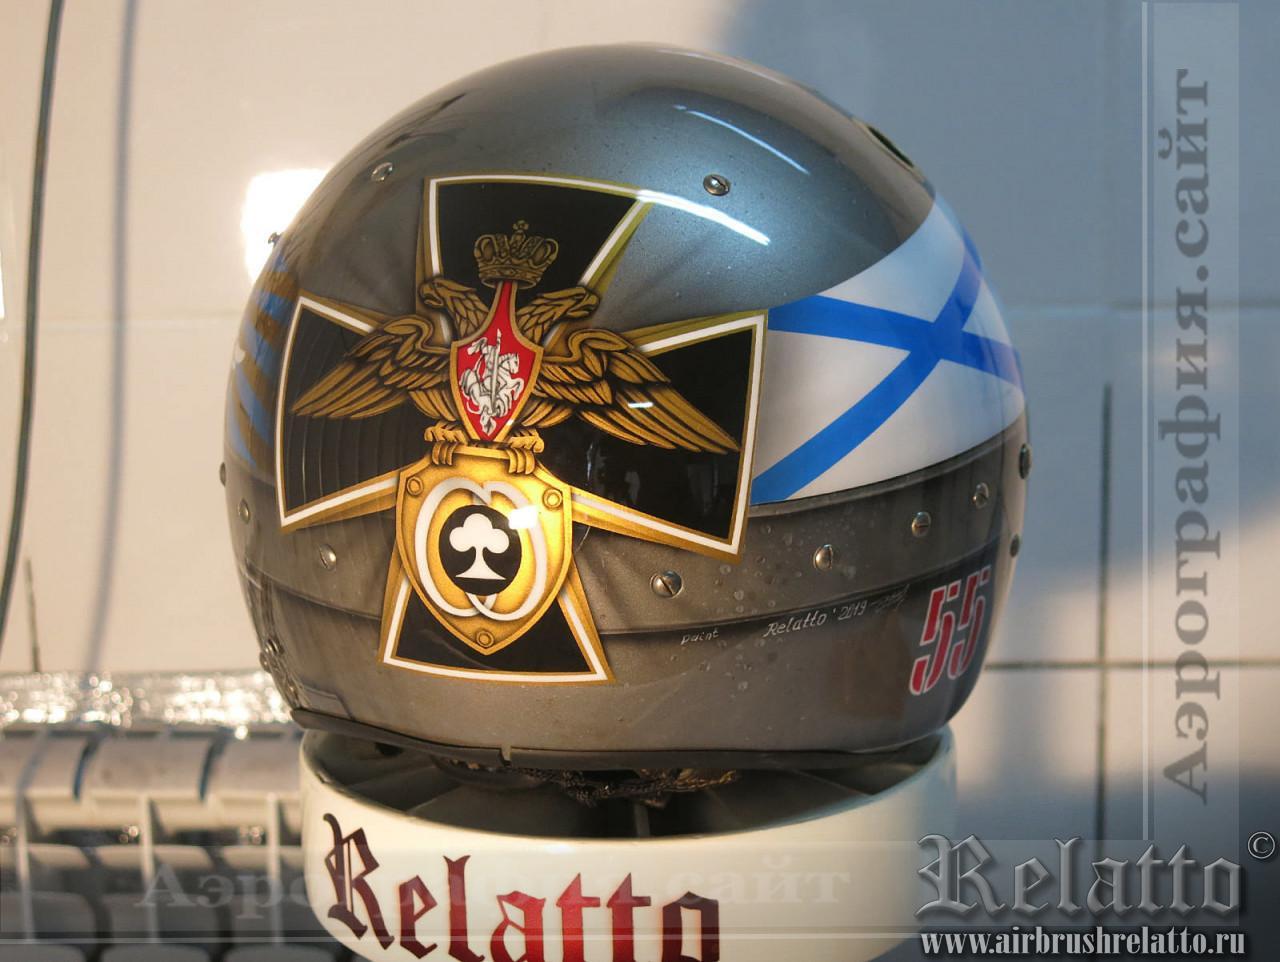 летный шлем аэрография в Белгороде